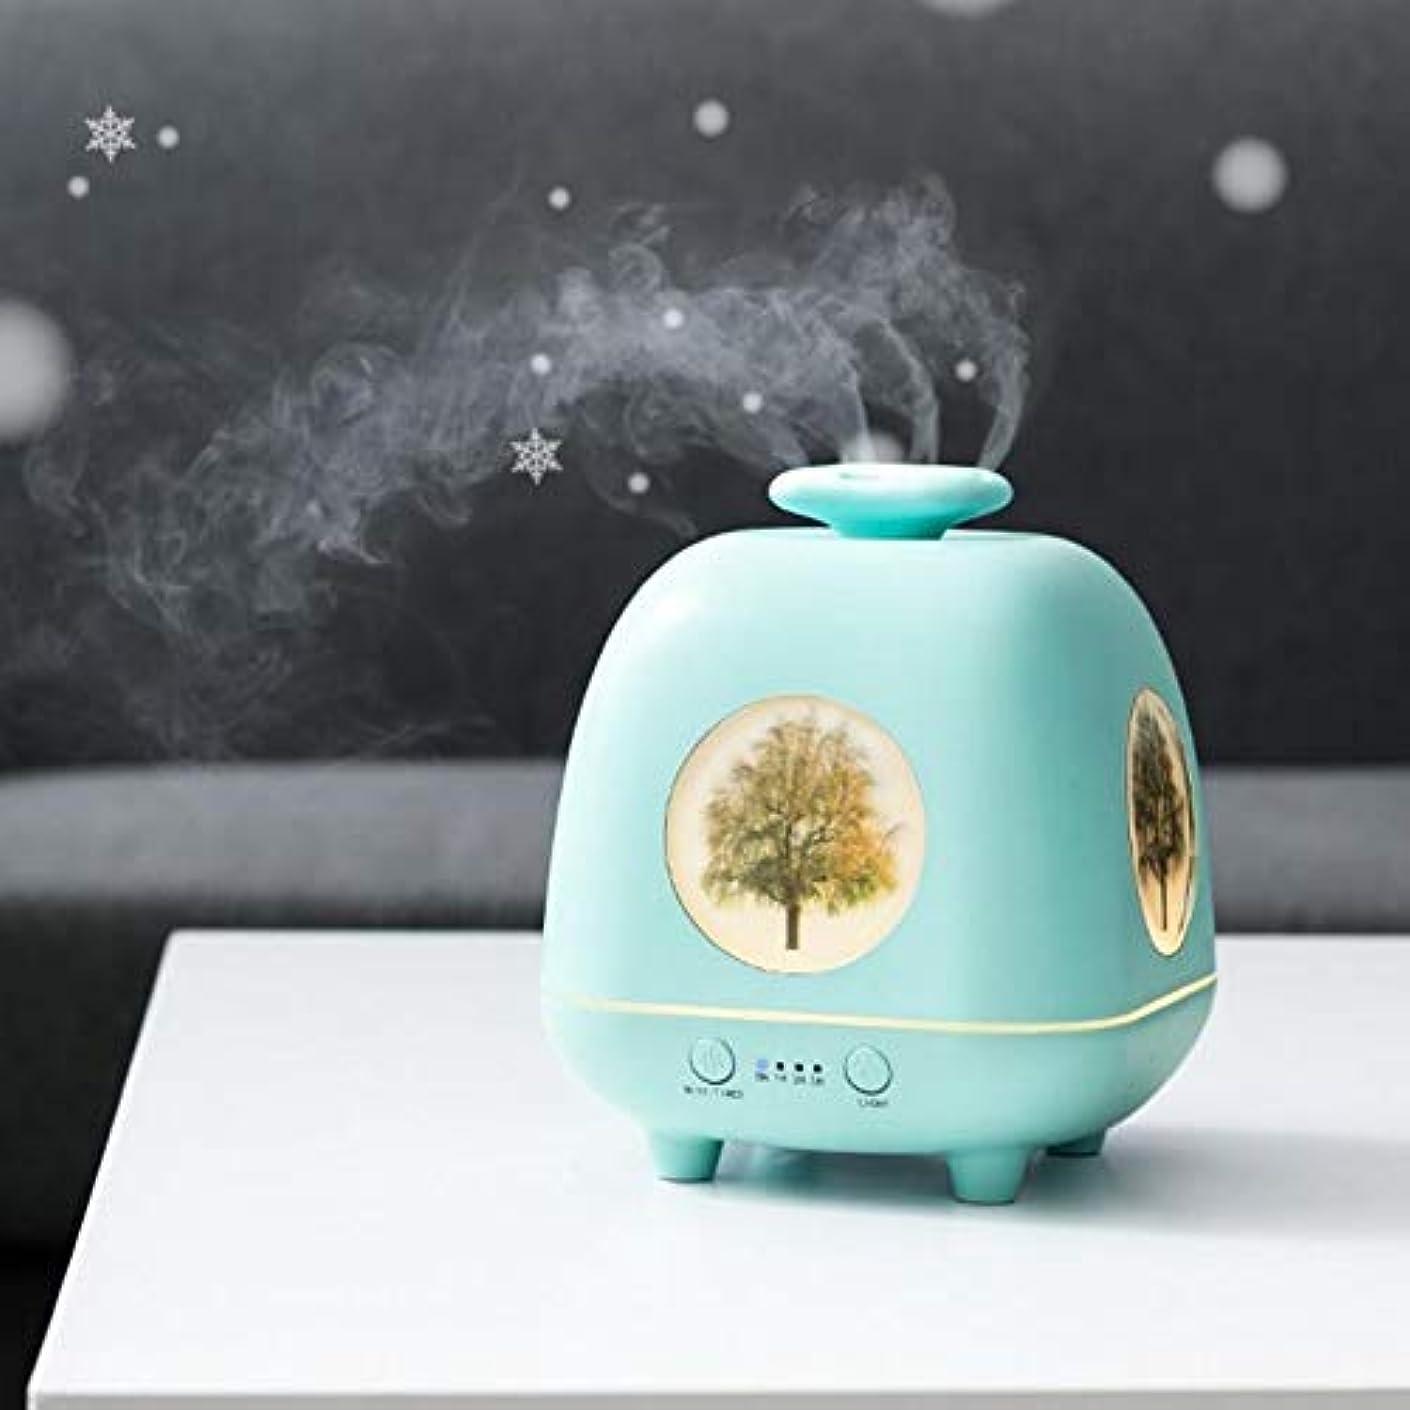 受粉者新しさ十分涼しい霧 香り 精油 ディフューザー,7 色 空気を浄化 4穴ノズル 加湿器 時間 加湿機 ホーム Yoga デスク オフィス ベッド-青 230ml